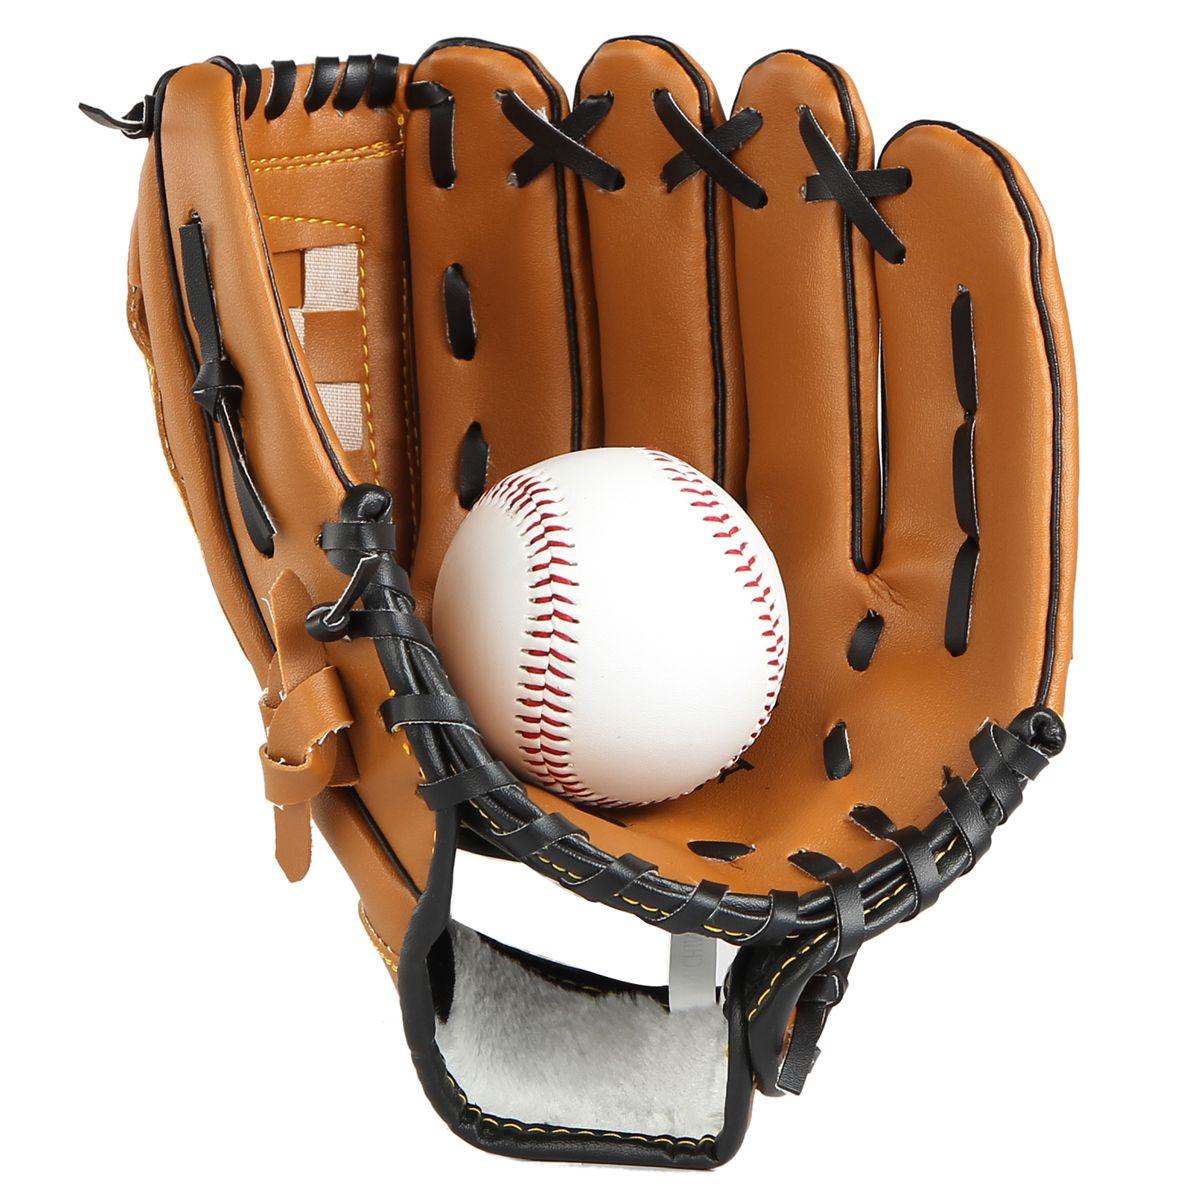 Image result for baseball gloves